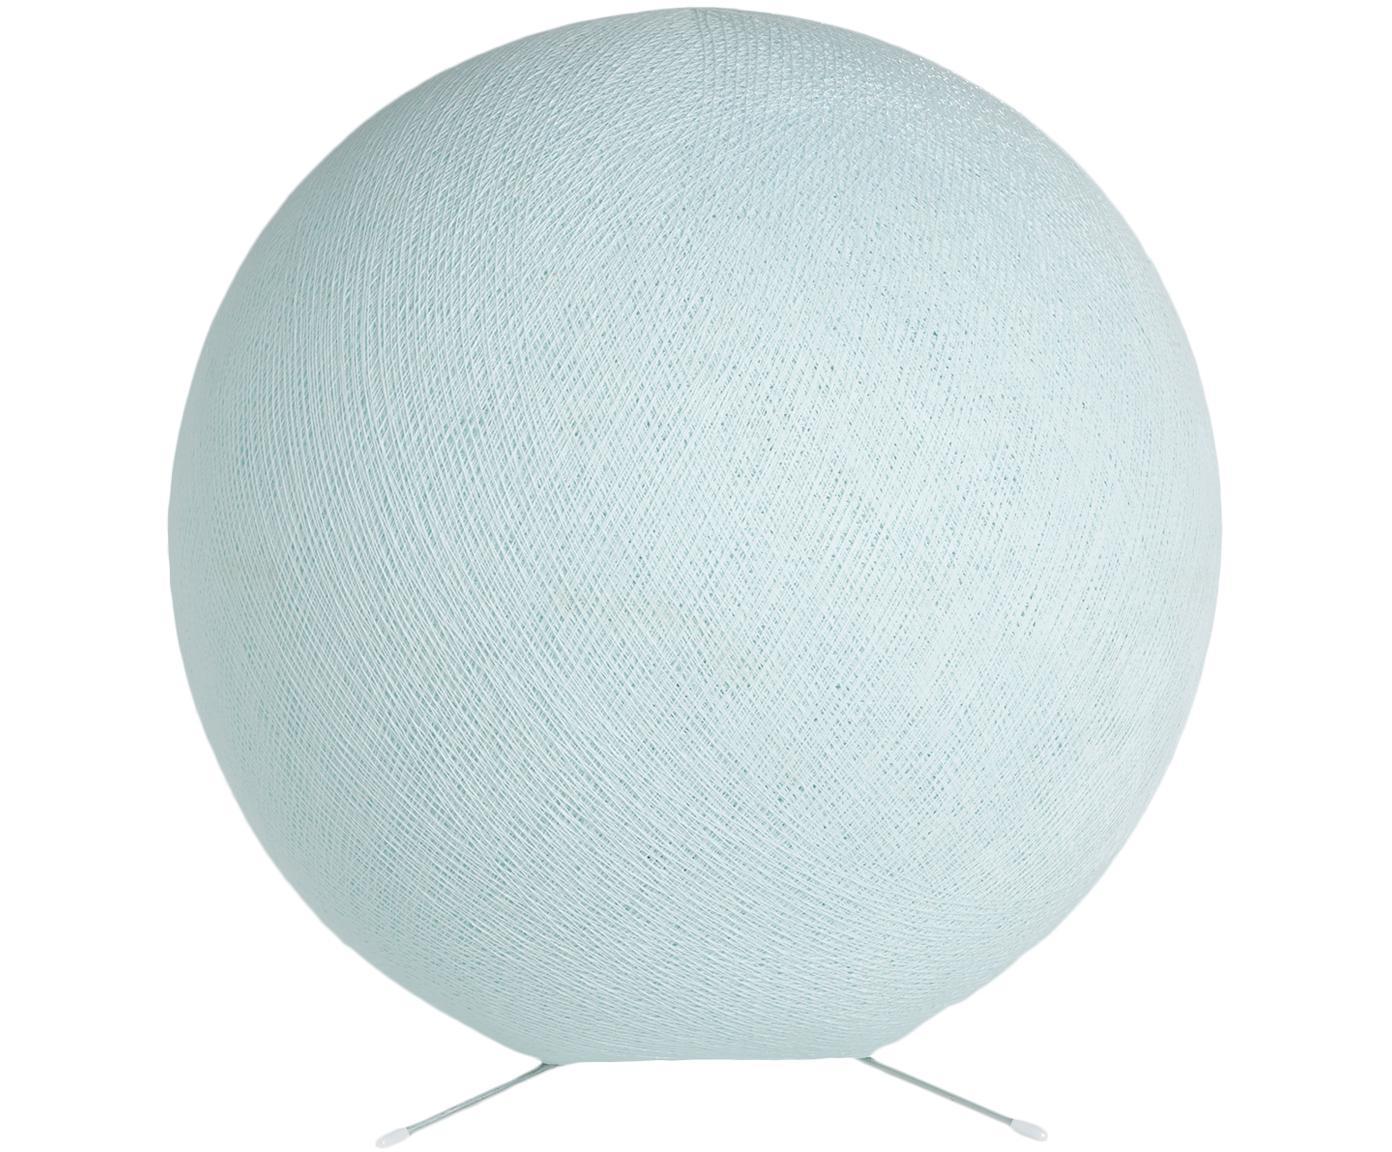 Tischleuchte Colorain, Lampenschirm: Polyester, Lampenfuß: Metall, Hellblau, Ø 36 cm